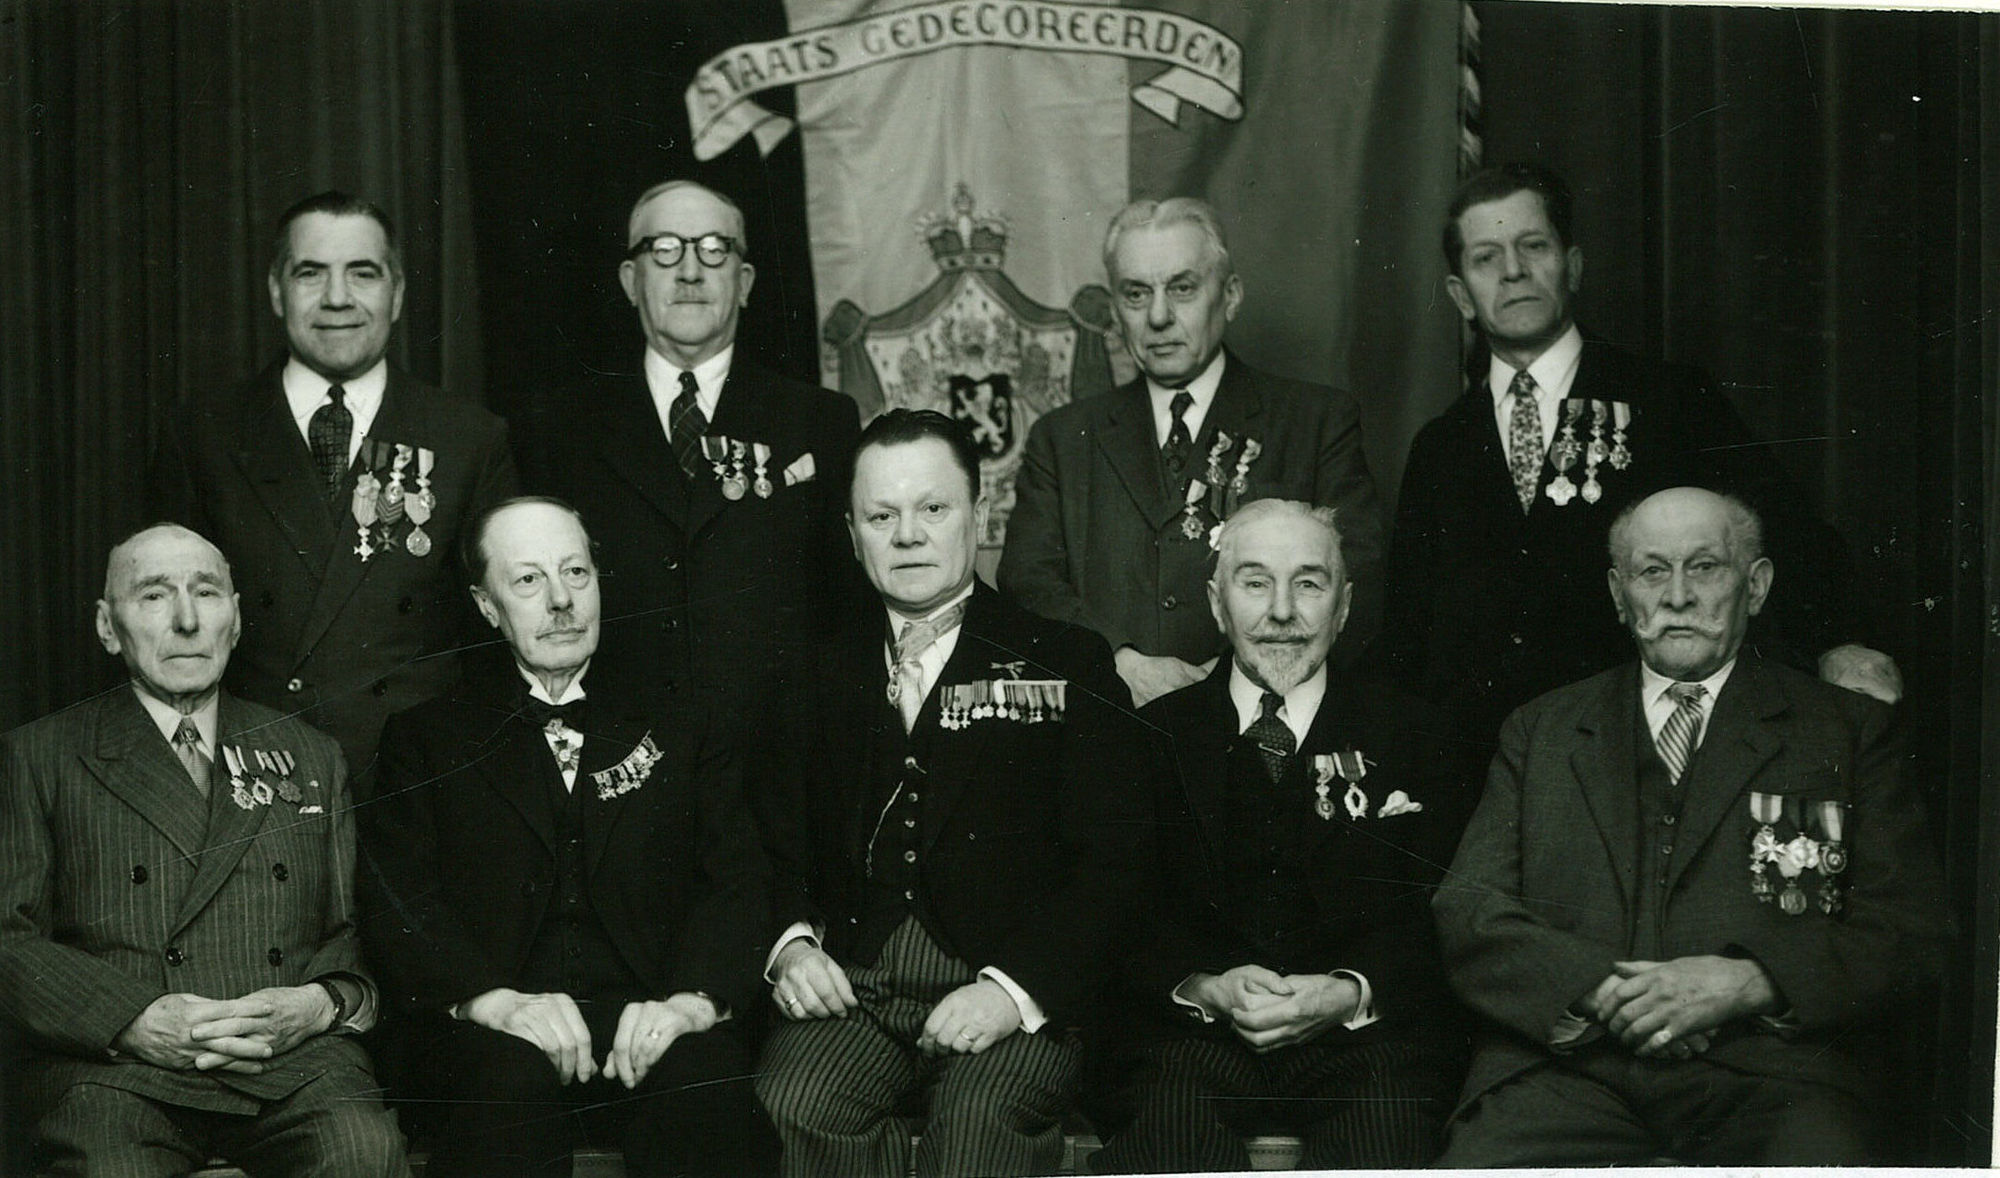 Groepsfoto staatsgedecoreerden